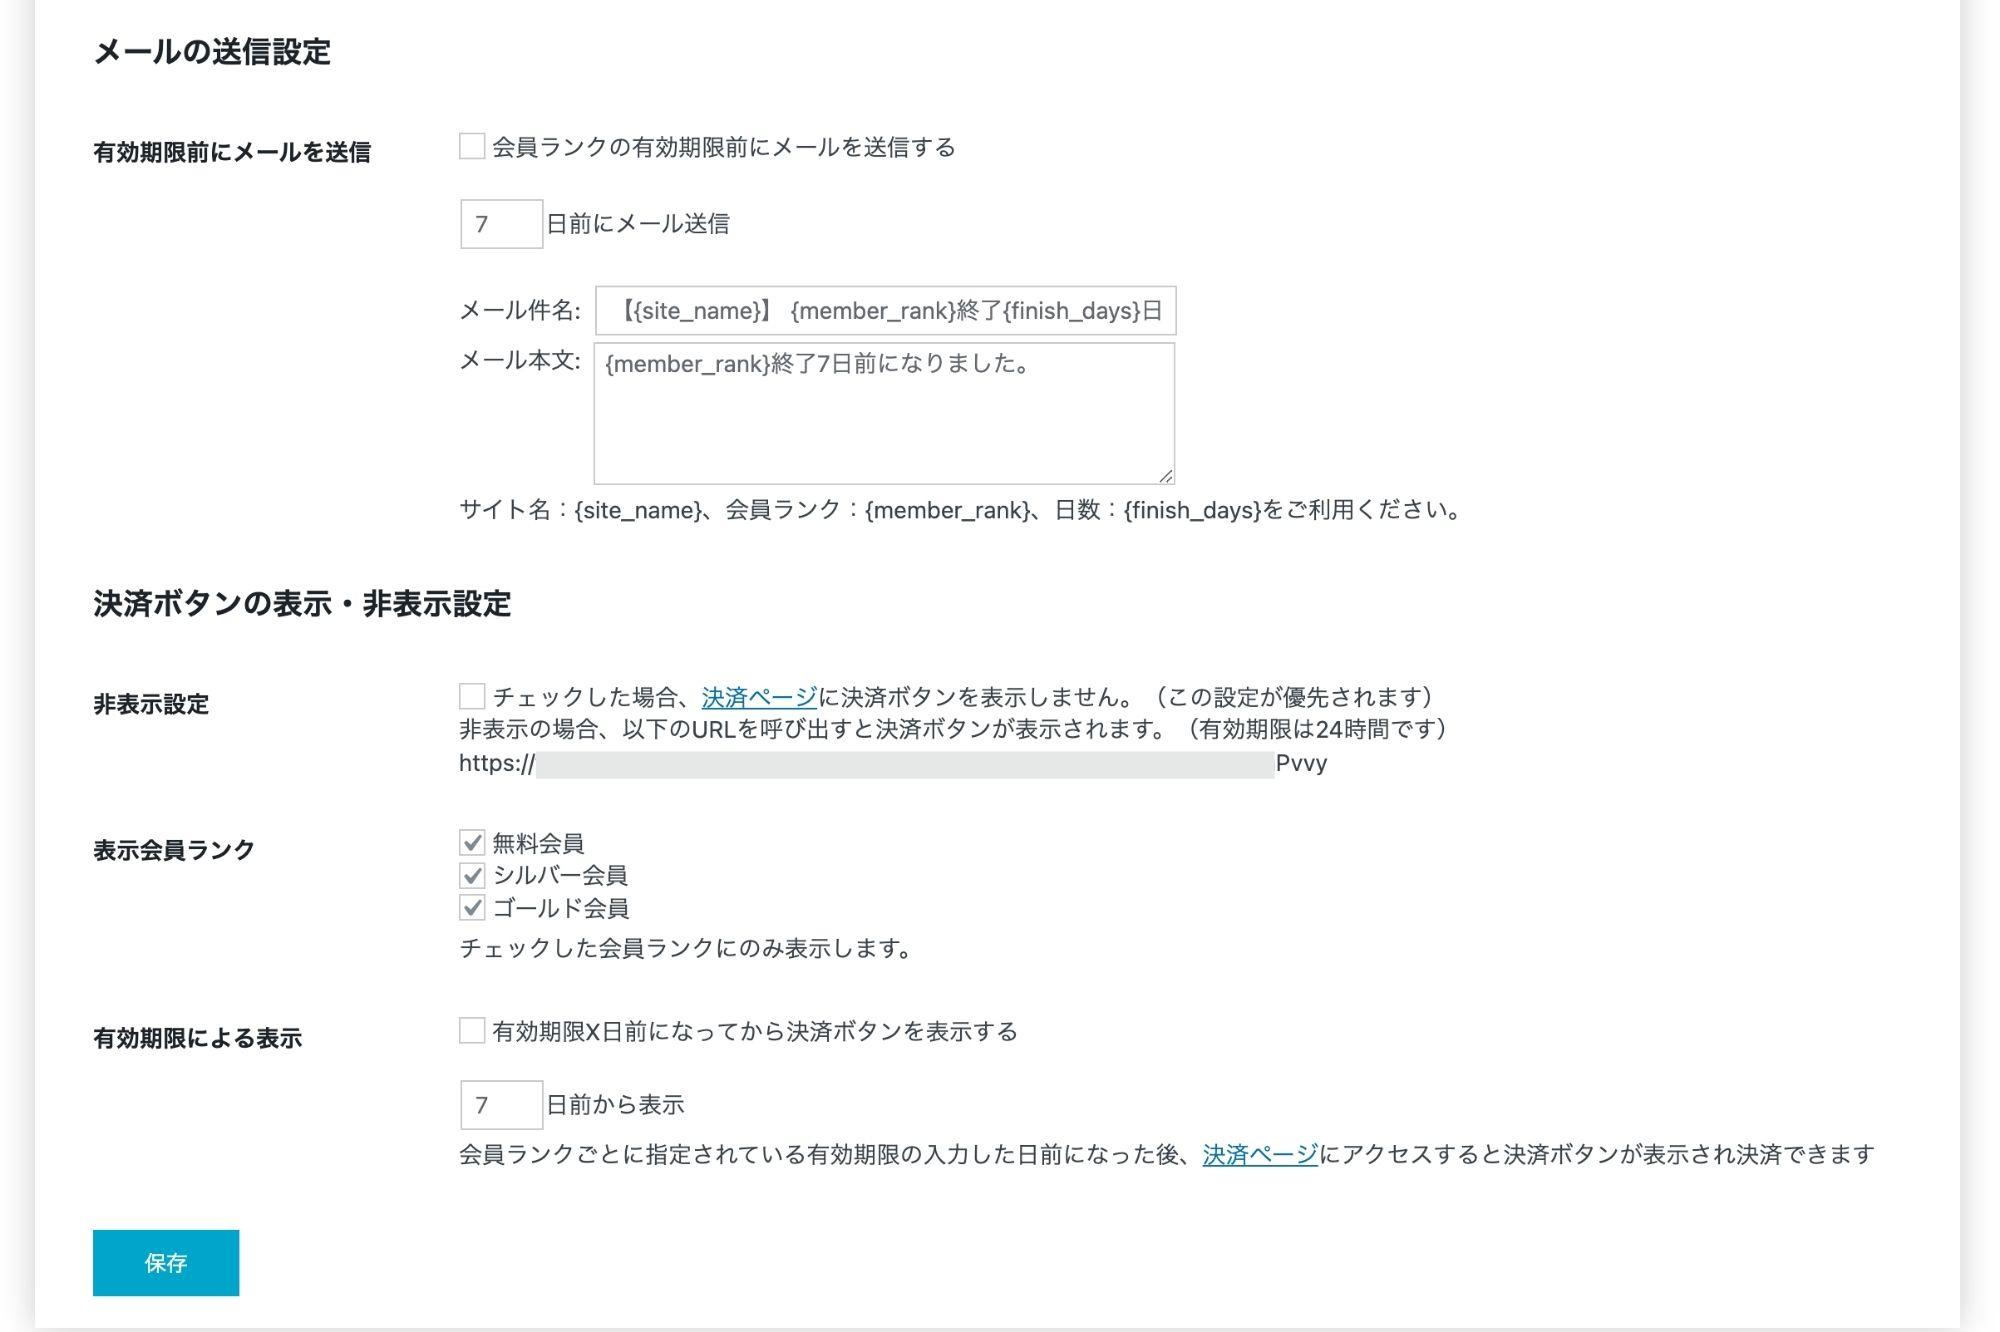 会員ランクの決済設定画面設計サンプル